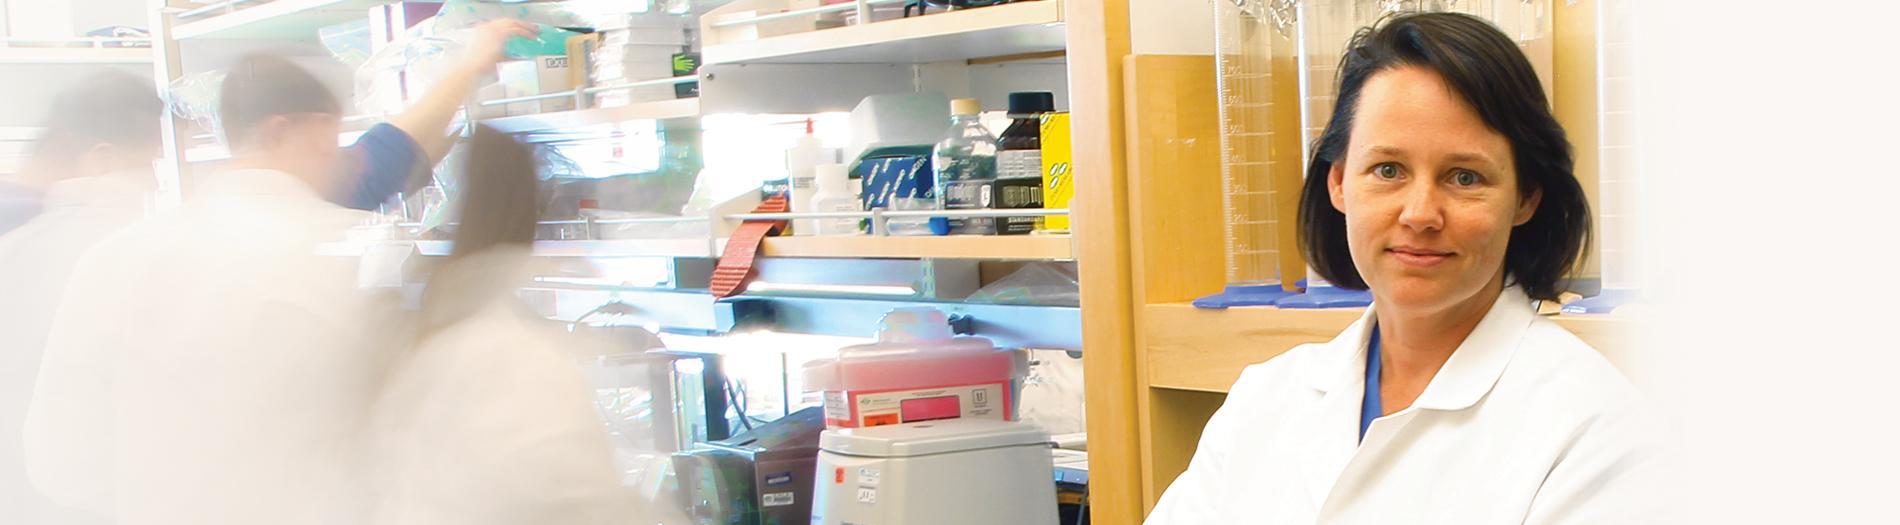 CHLA-Grikscheit-CIRM-Grant-HP-Banner-Desktop.jpg